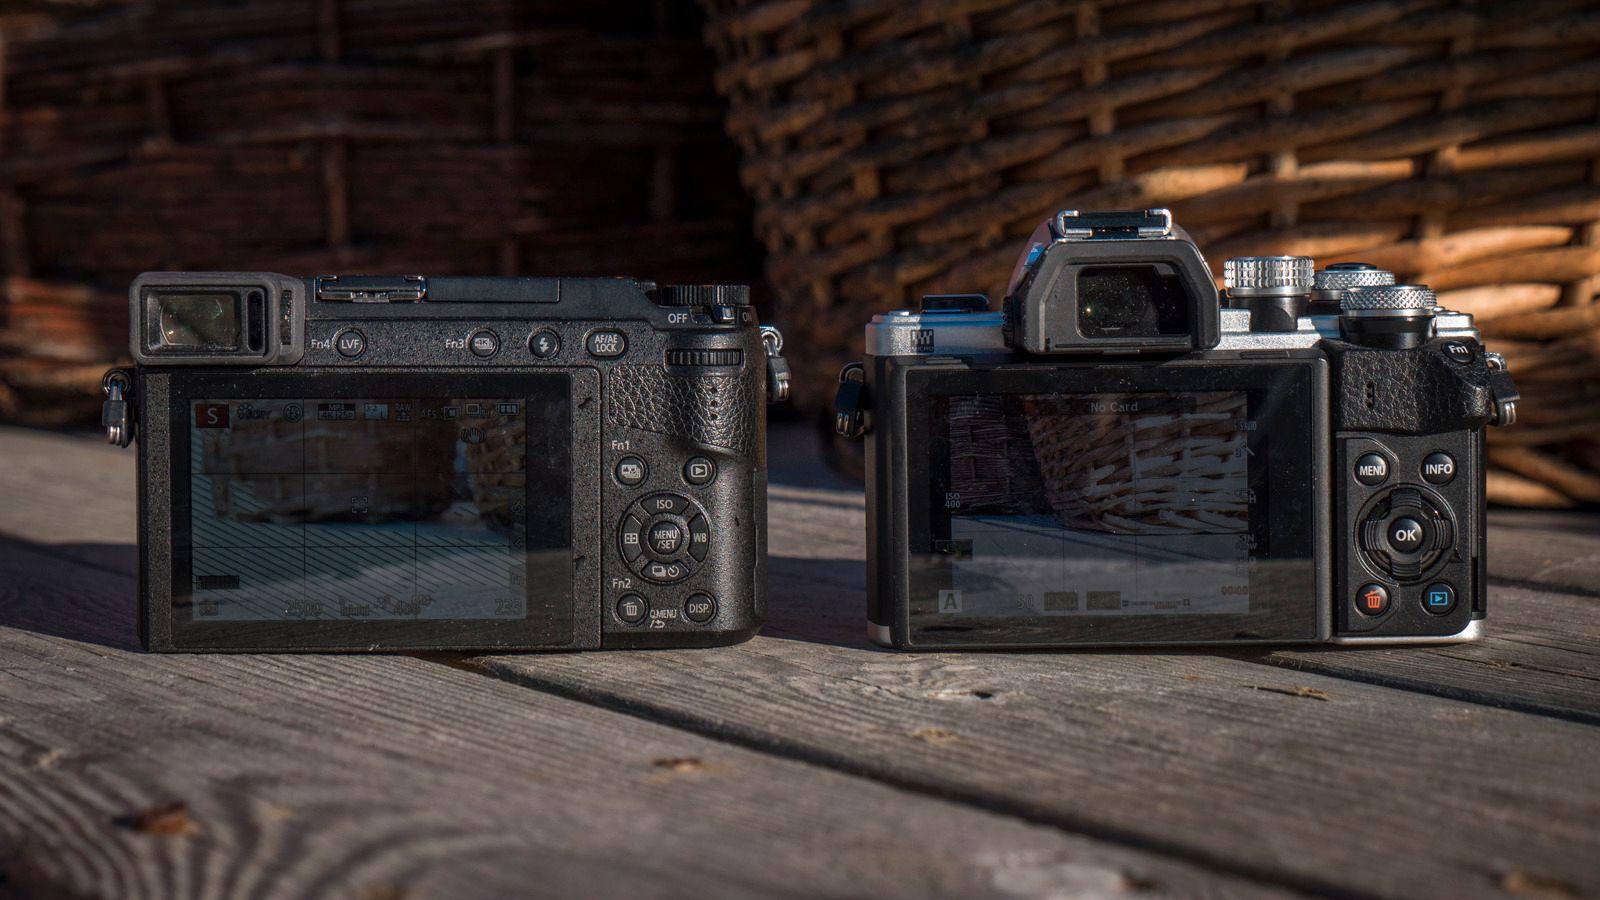 Vi har noen flere betjeningsmuligheter med GX80, men de største forskjellene gjelder først og fremst for video.